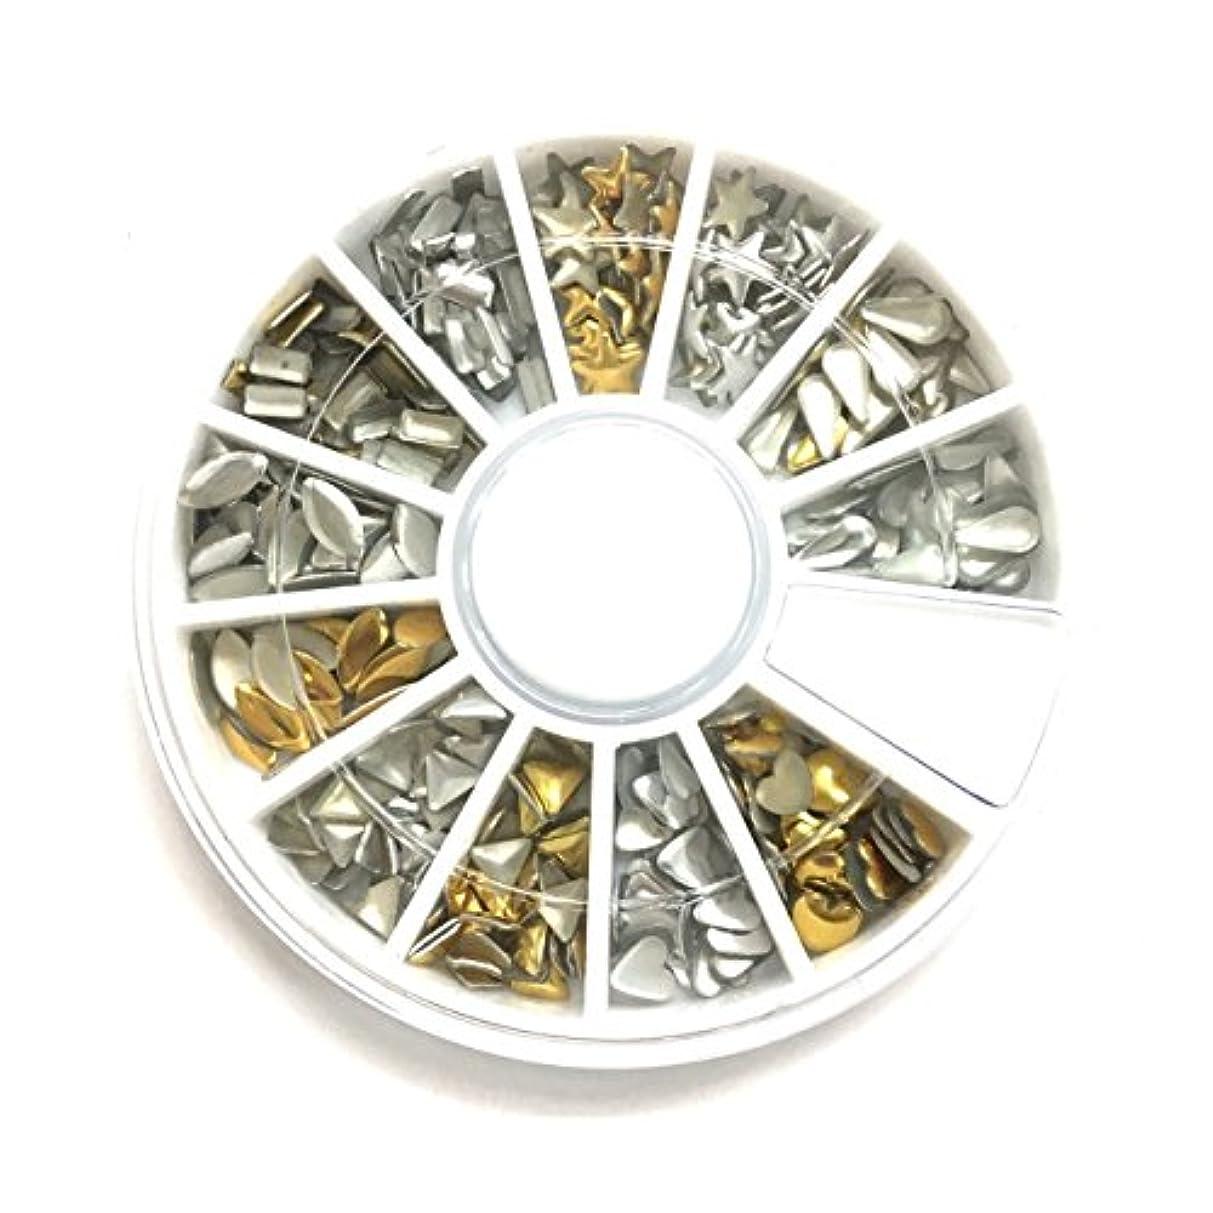 データパラシュートパトロール【ネイルウーマン】メタルスタッズ 12種類セット ゴールド シルバー ラウンドケース入り